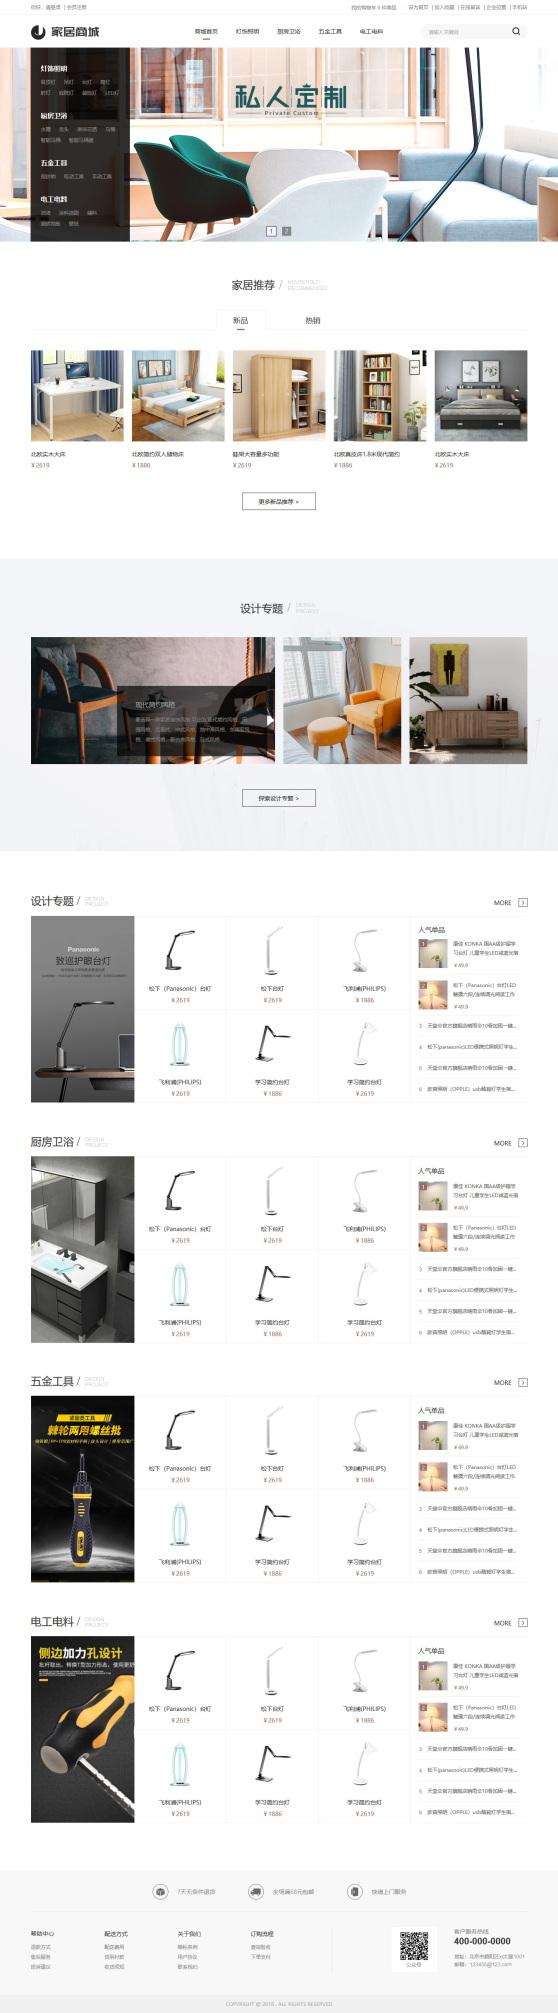 简约家居家具商城系统模板